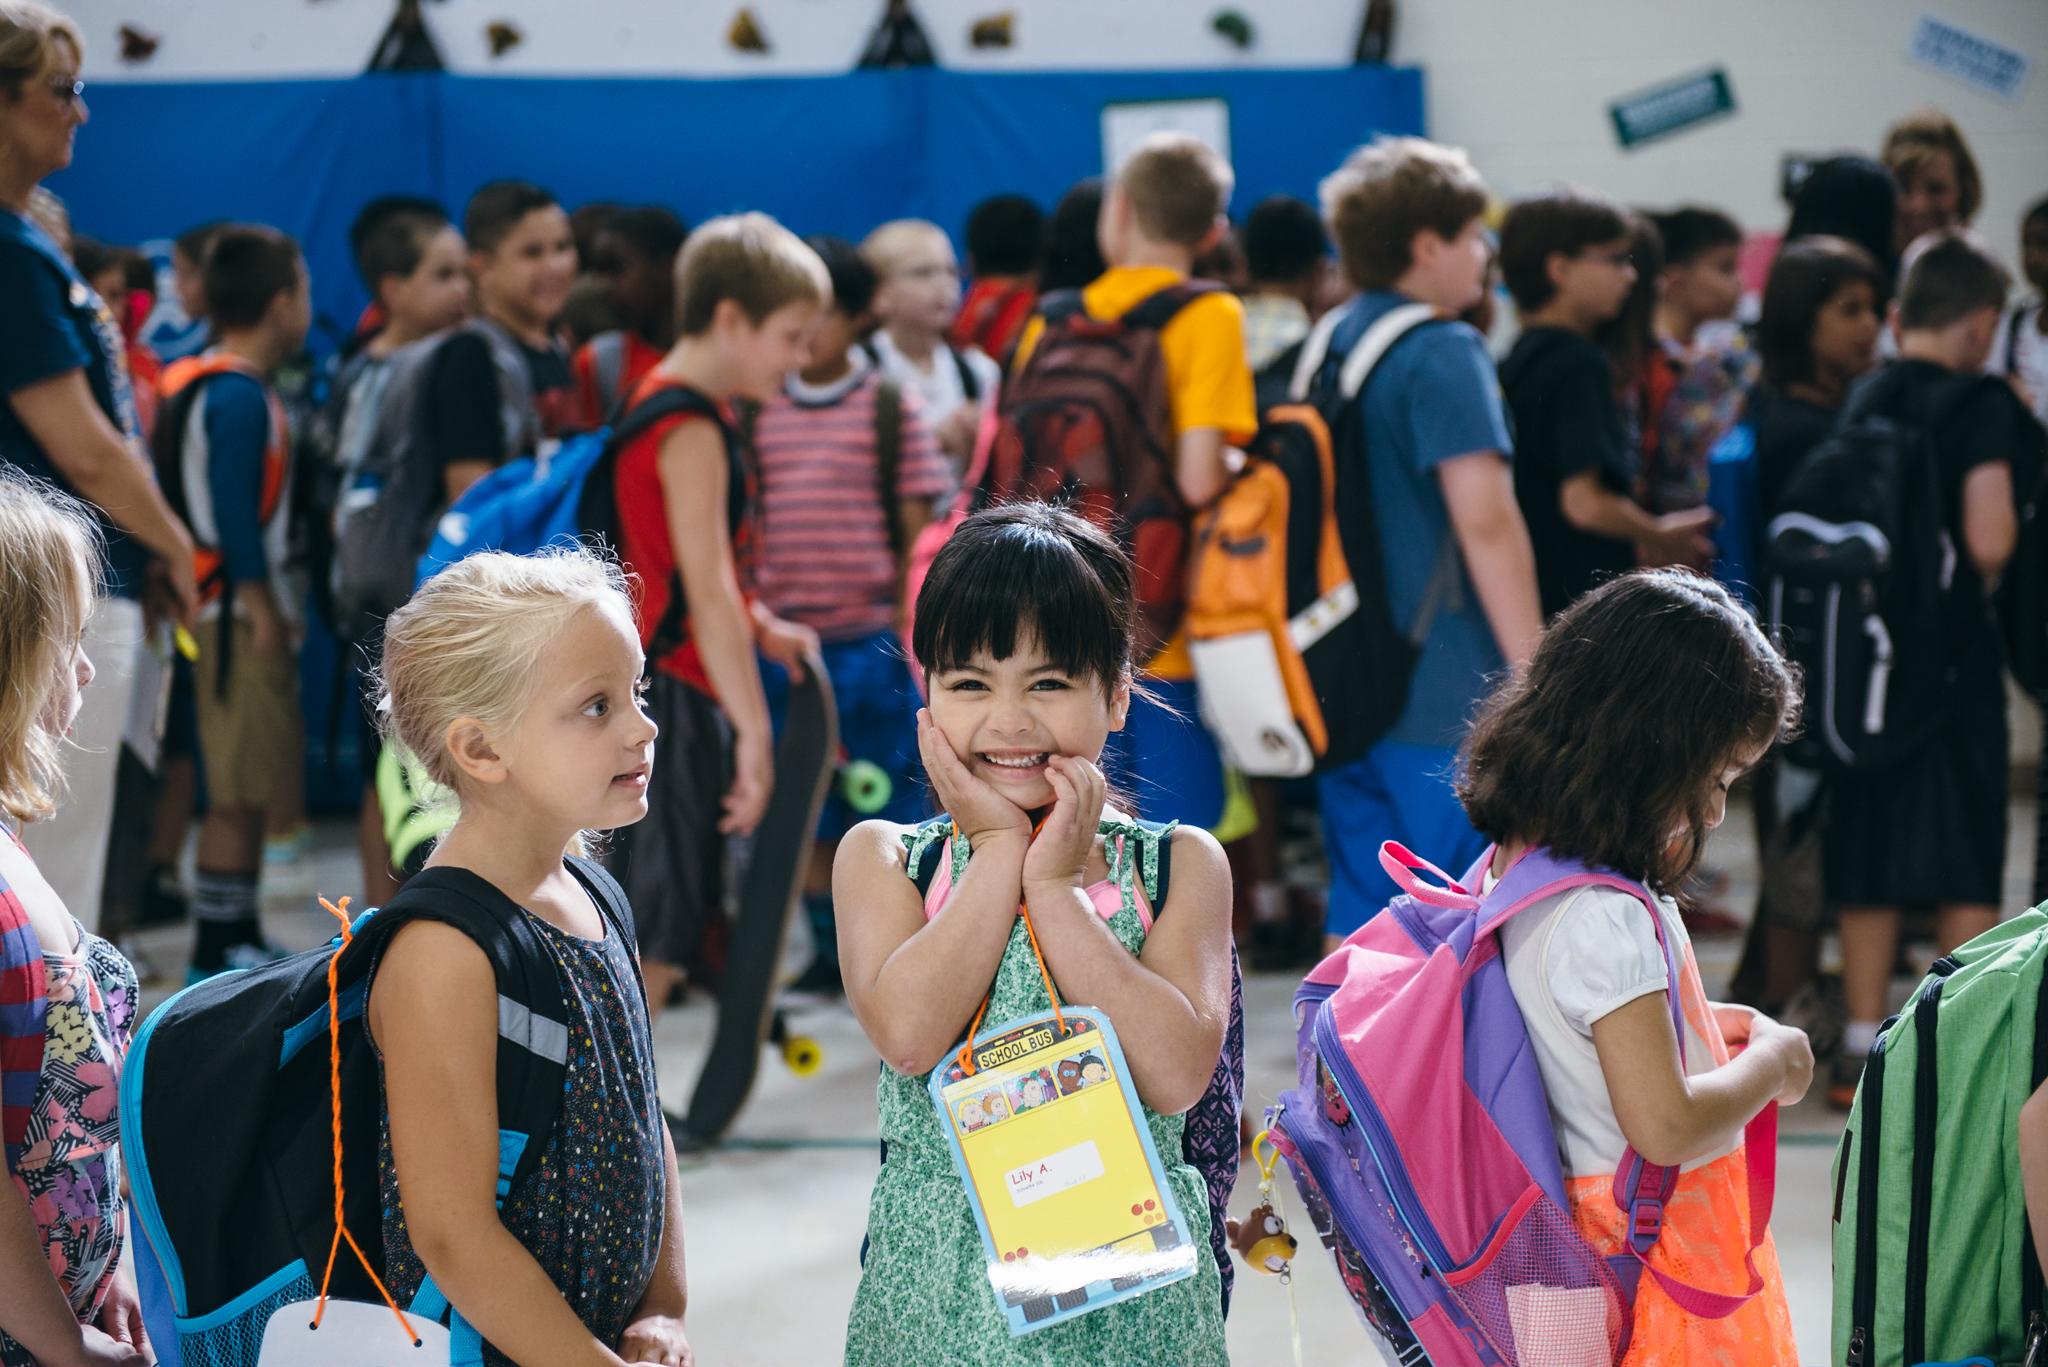 20150813-First Day of School-111-FBEdit.JPG